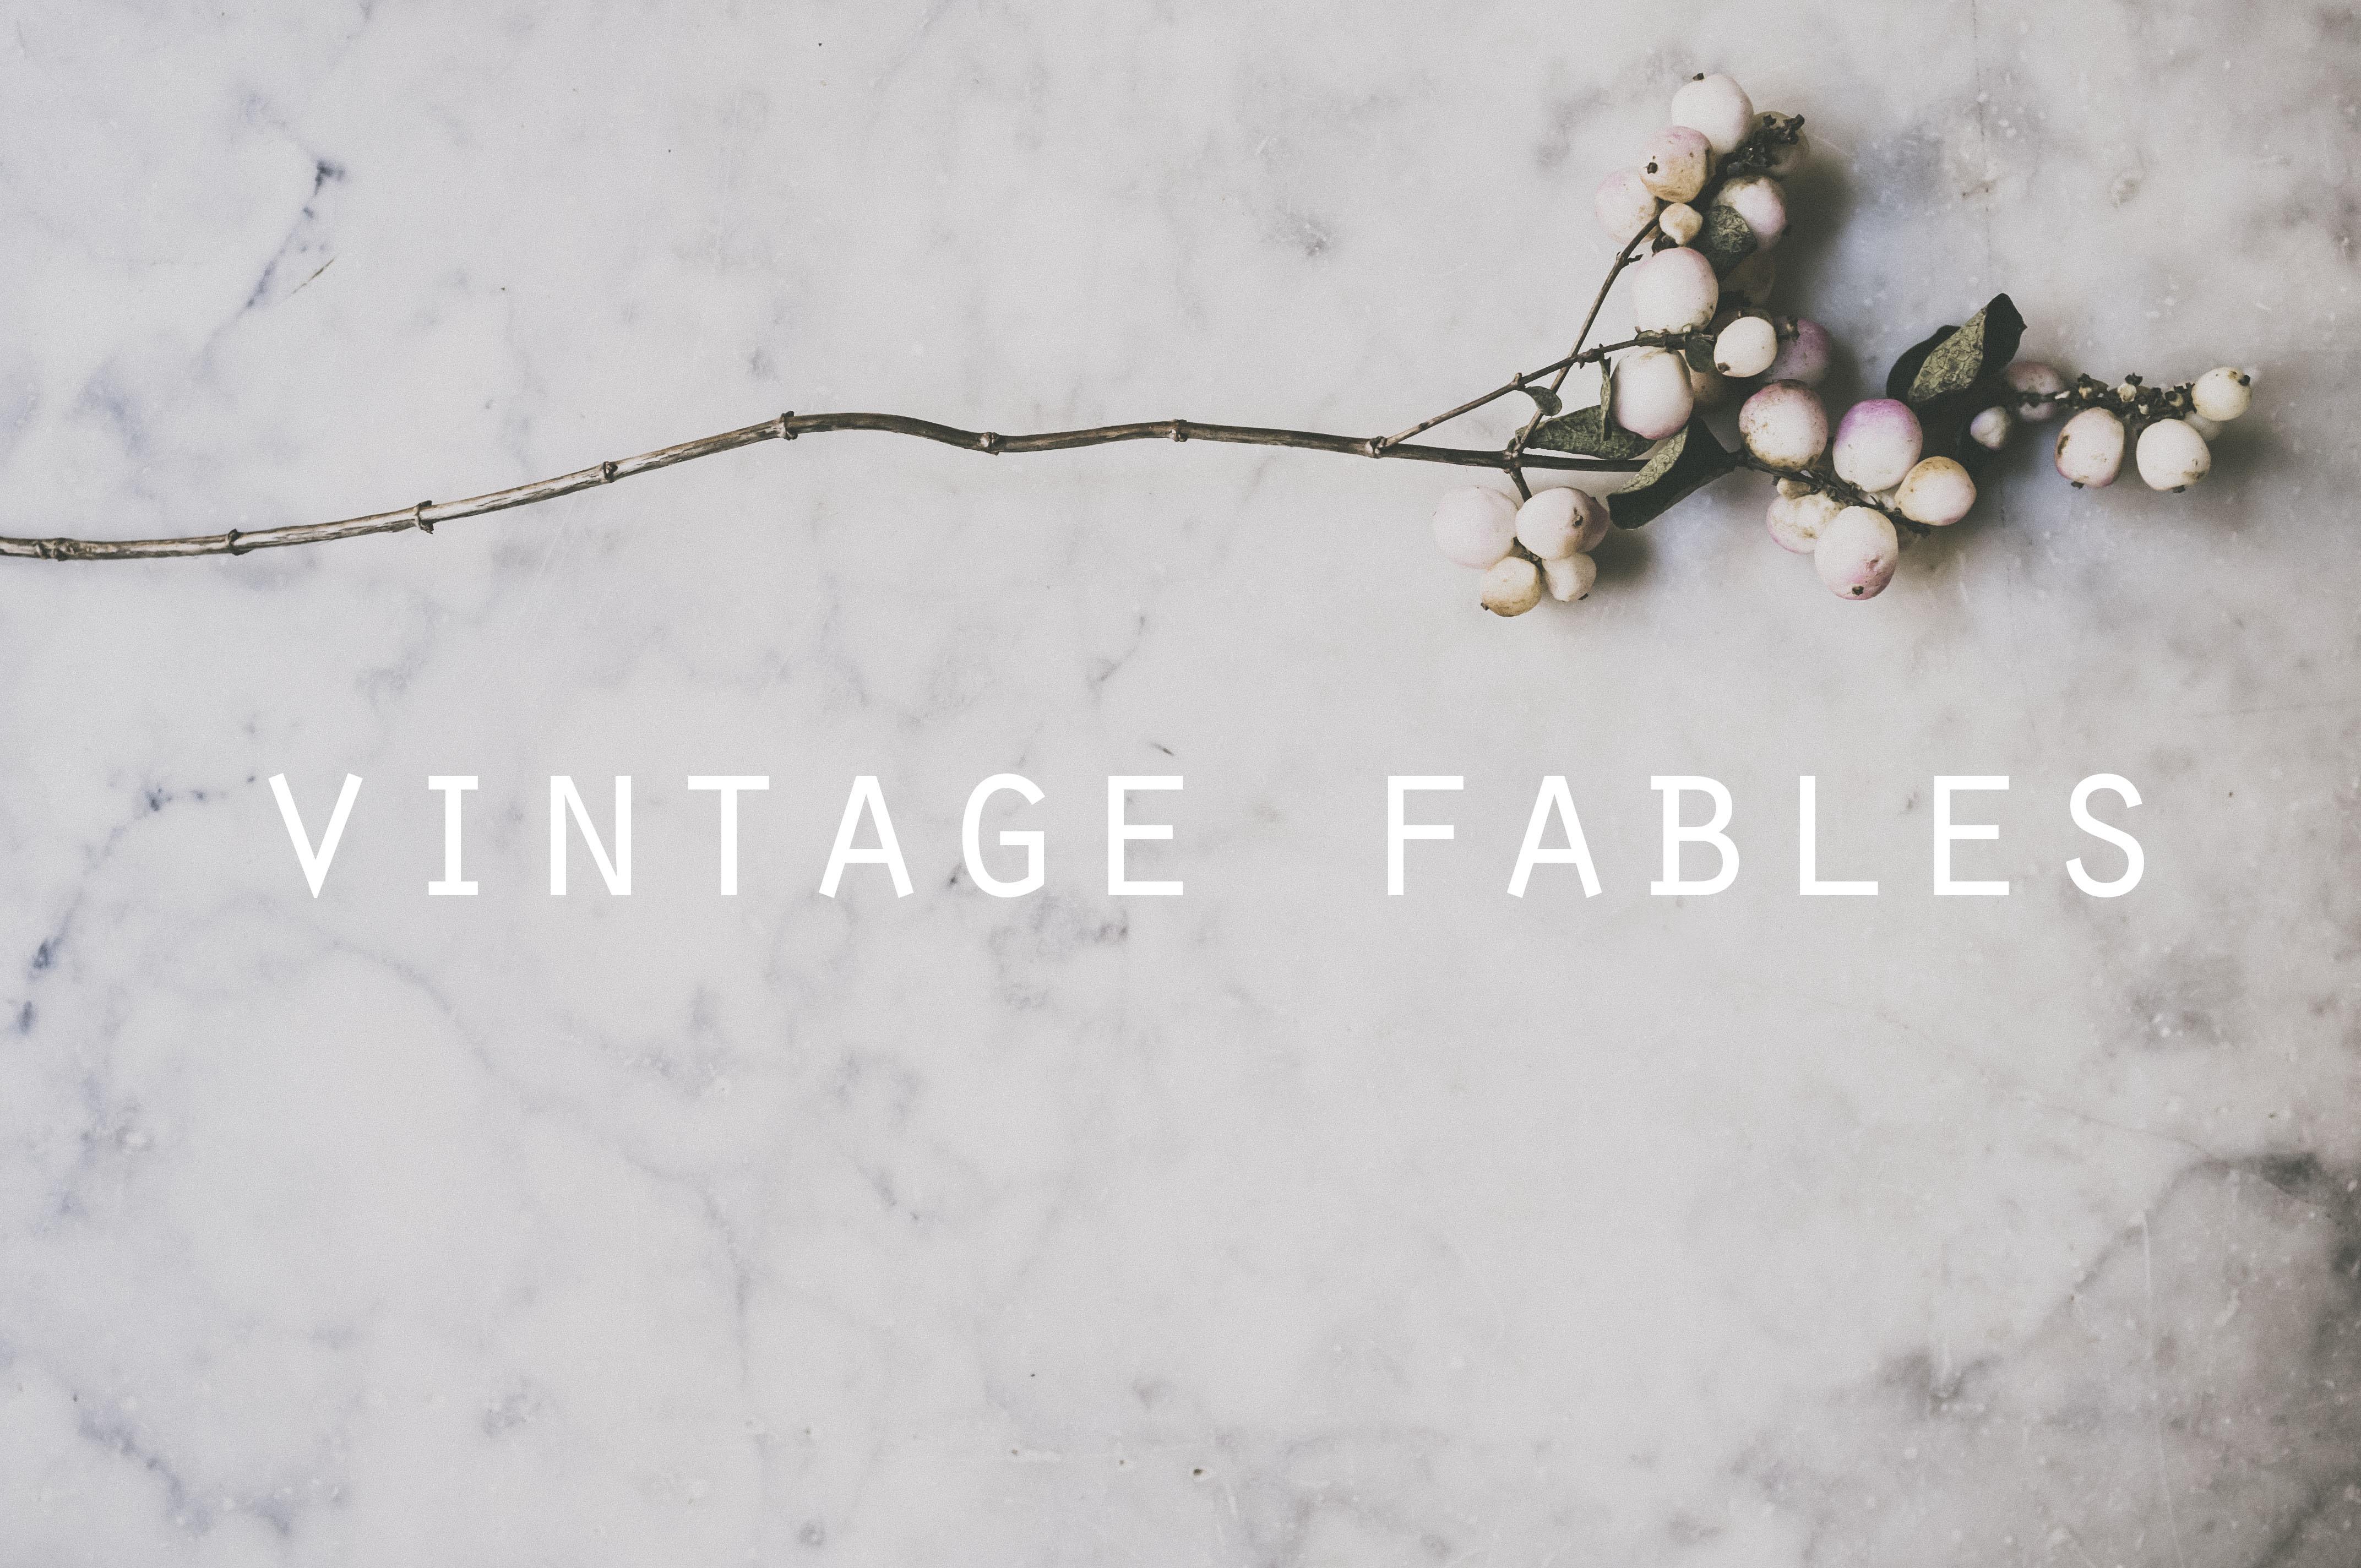 vintagefables